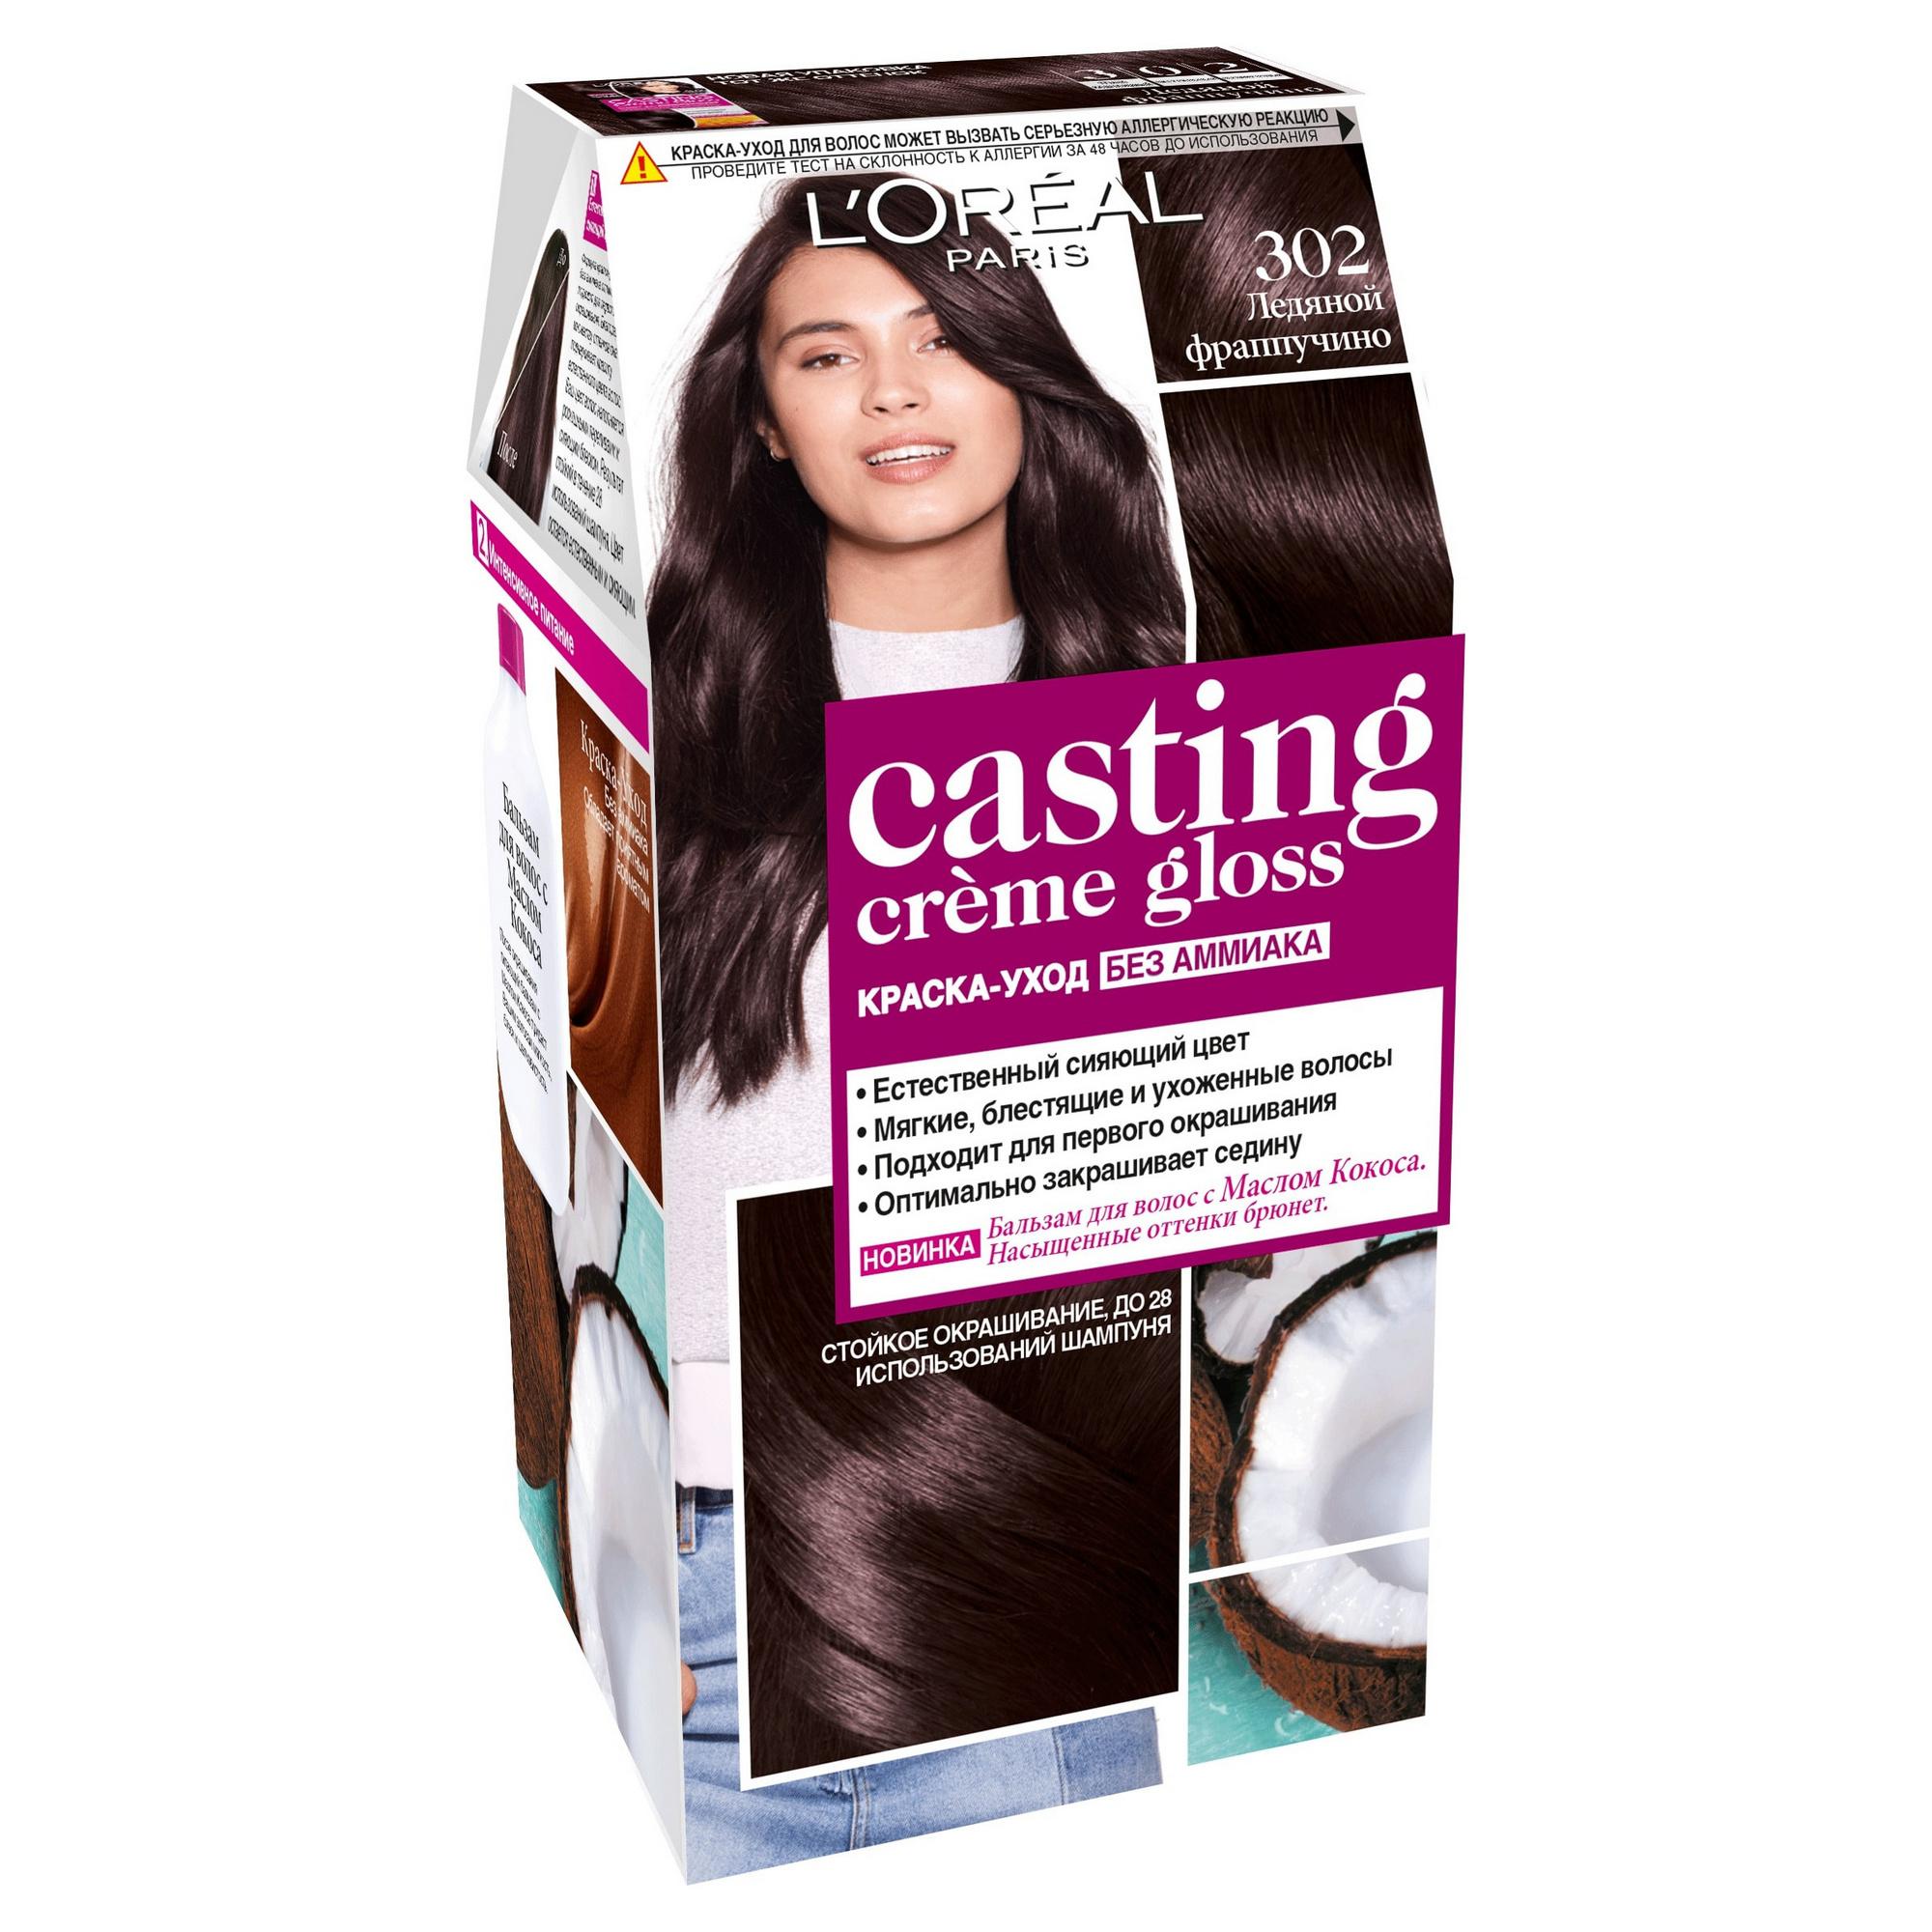 Купить Краска для волос L'Oreal Paris Casting Creme Gloss 302 Ледяной фраппучино